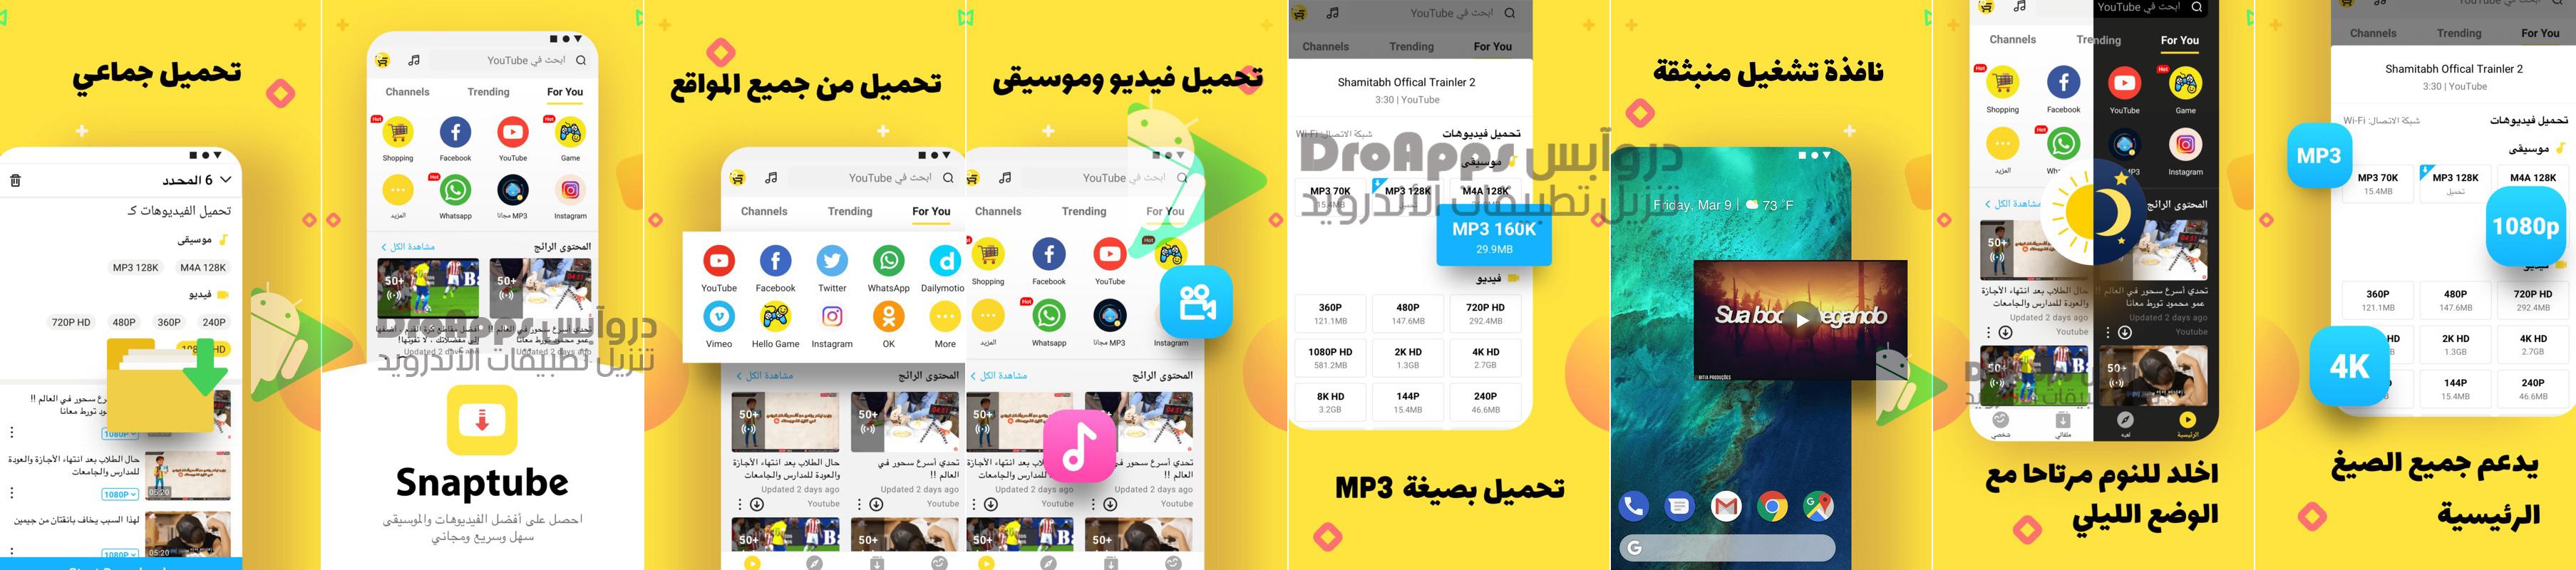 لقطات شاشة لتطبيق سناب تيوب Snaptube